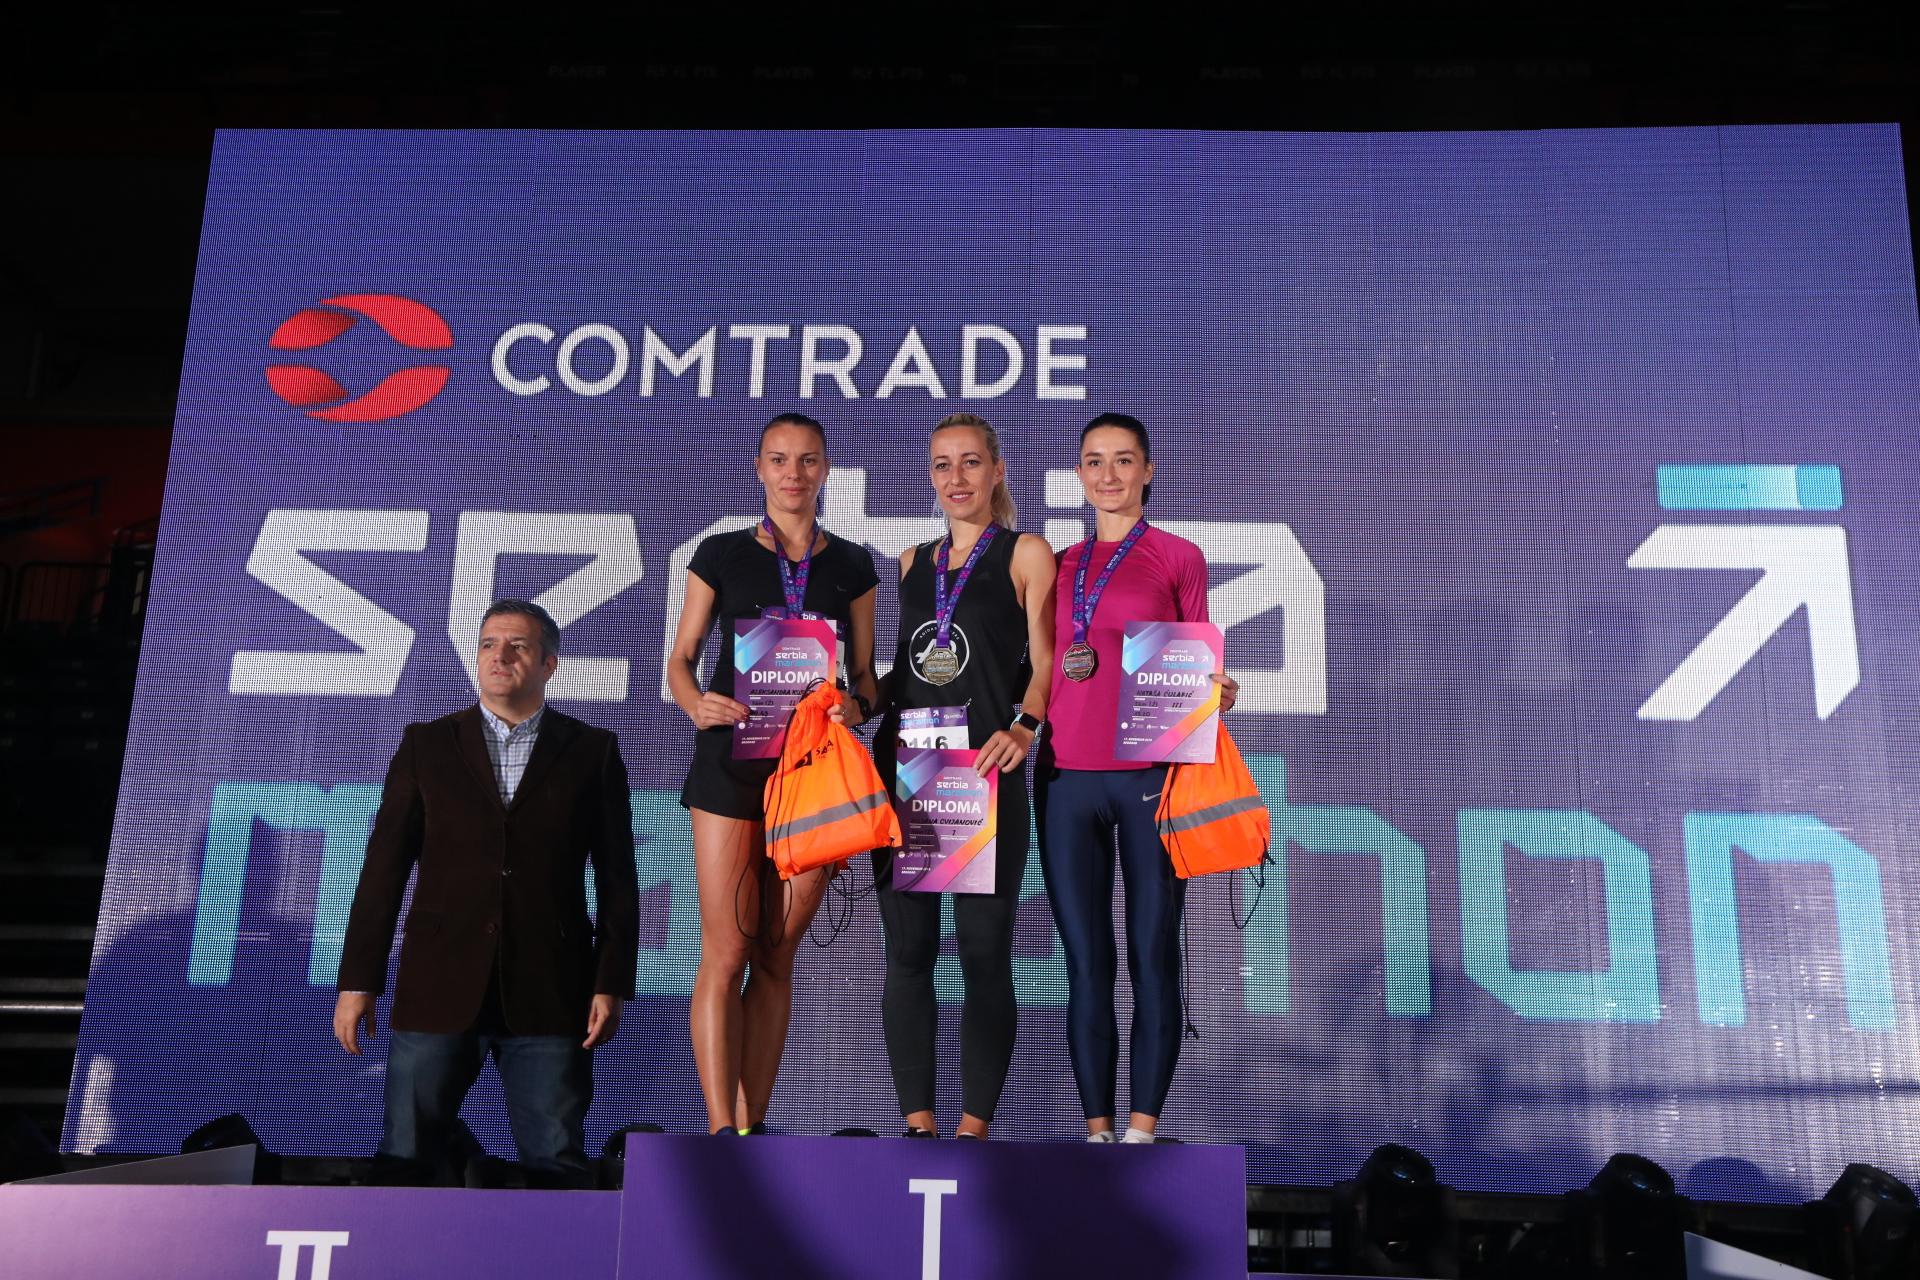 Počeo prvi Comtrade Serbia Marathon, već imamo pobednike na 5 kilometara!